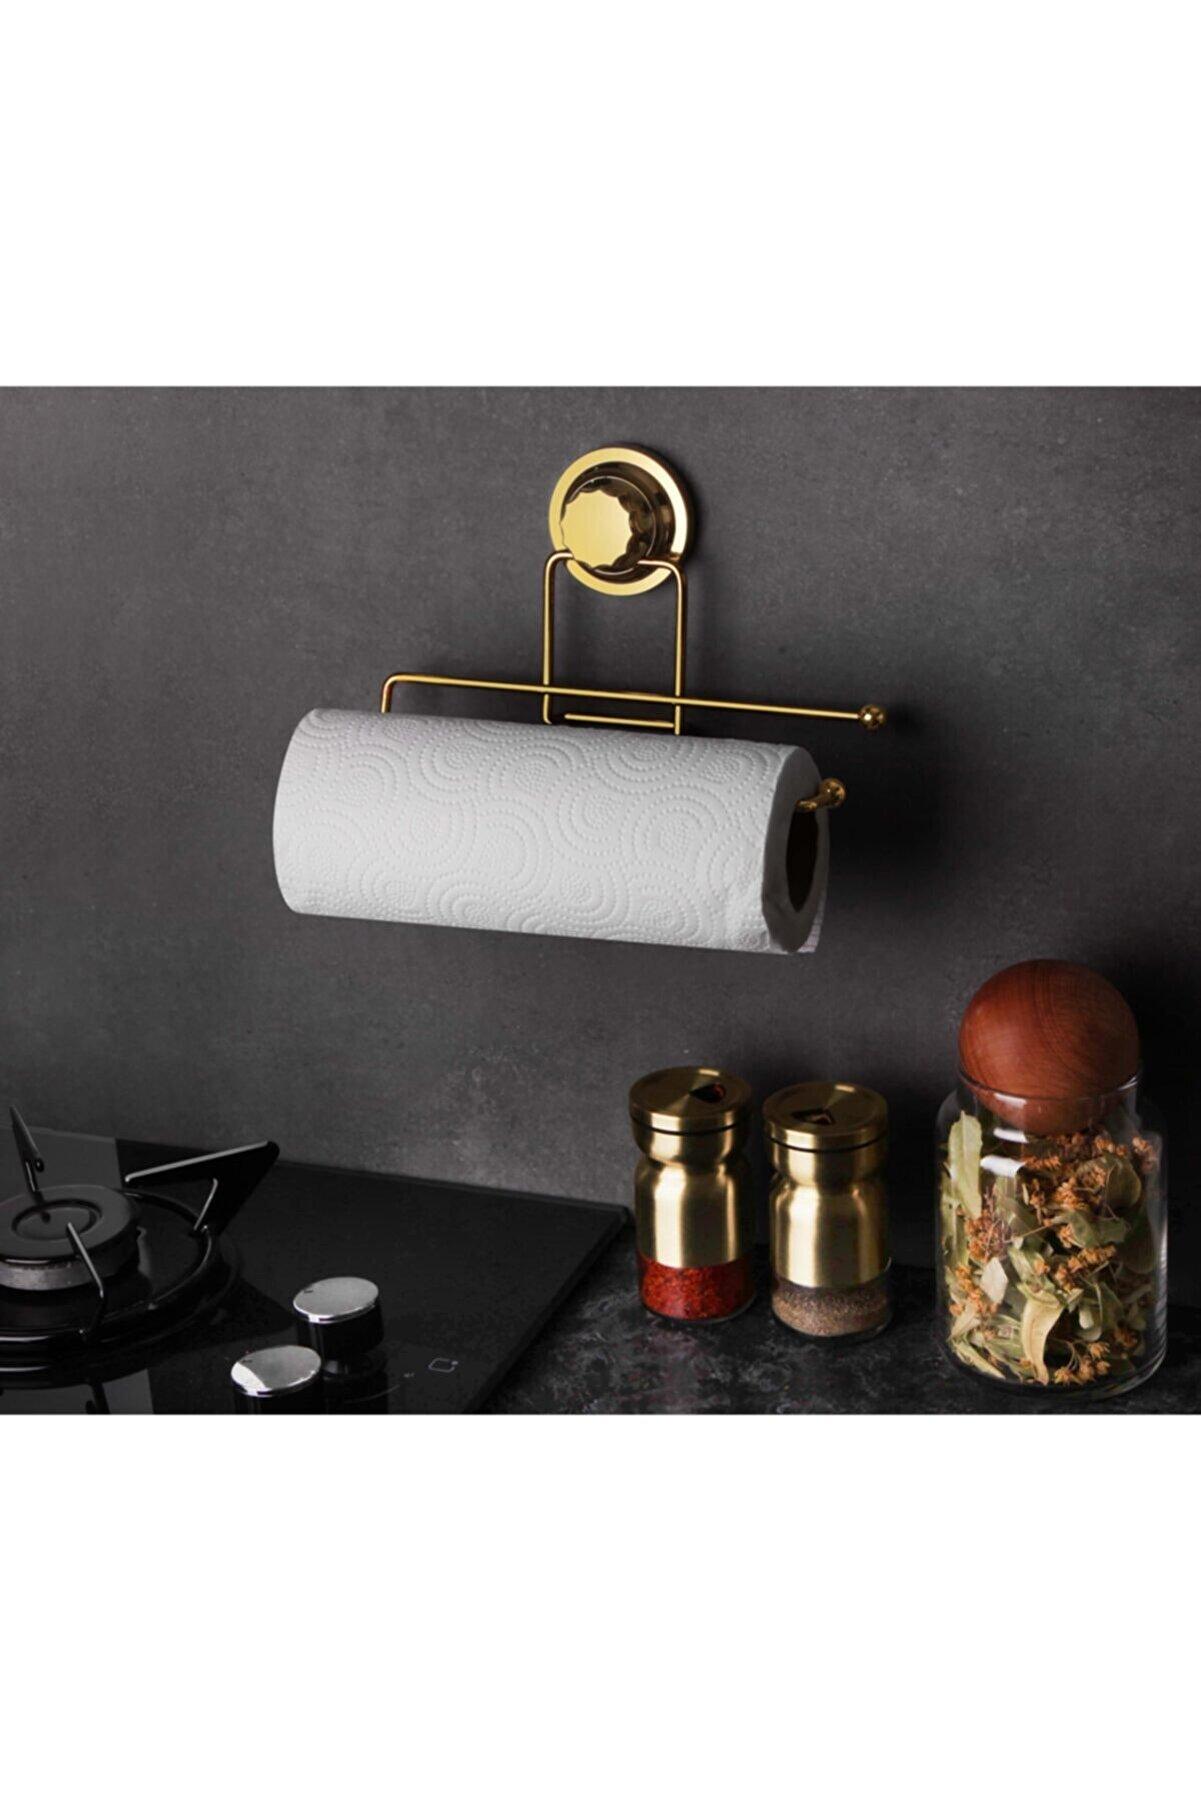 Okyanus Home Gold Serisi Lux Kağıt Havluluk 3 Fonksiyonlu - Ister Vakumla, Ister Yapıştır, Ister Vid